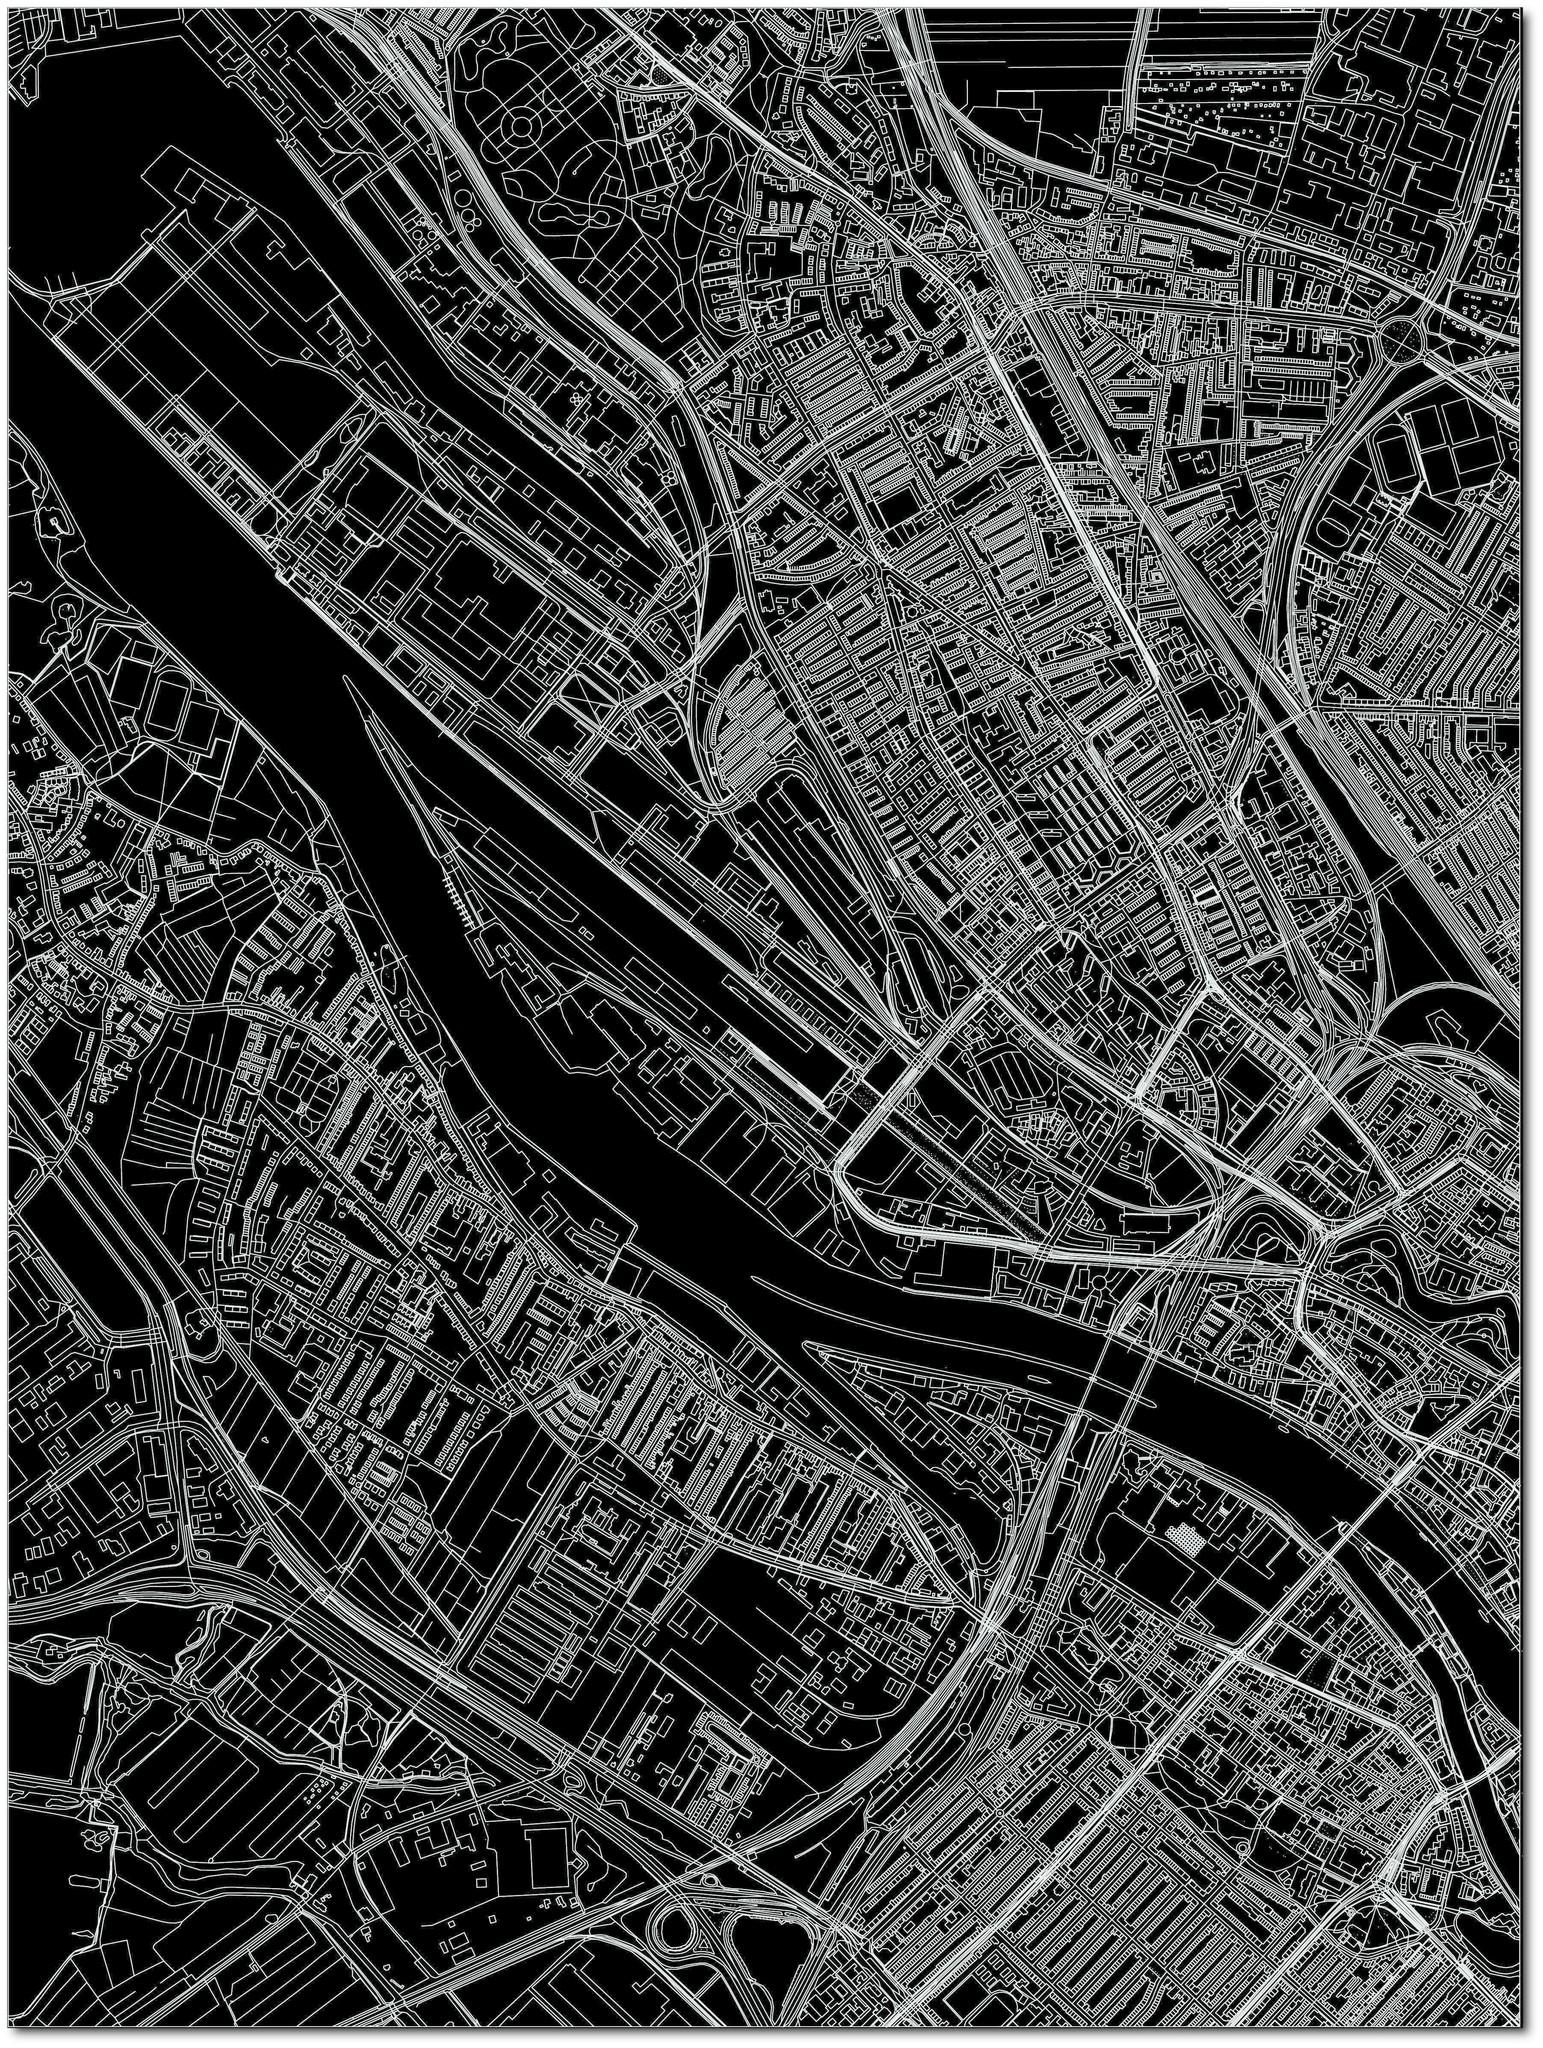 Stadtkarte Bremen | Aluminium Wanddekoration-3